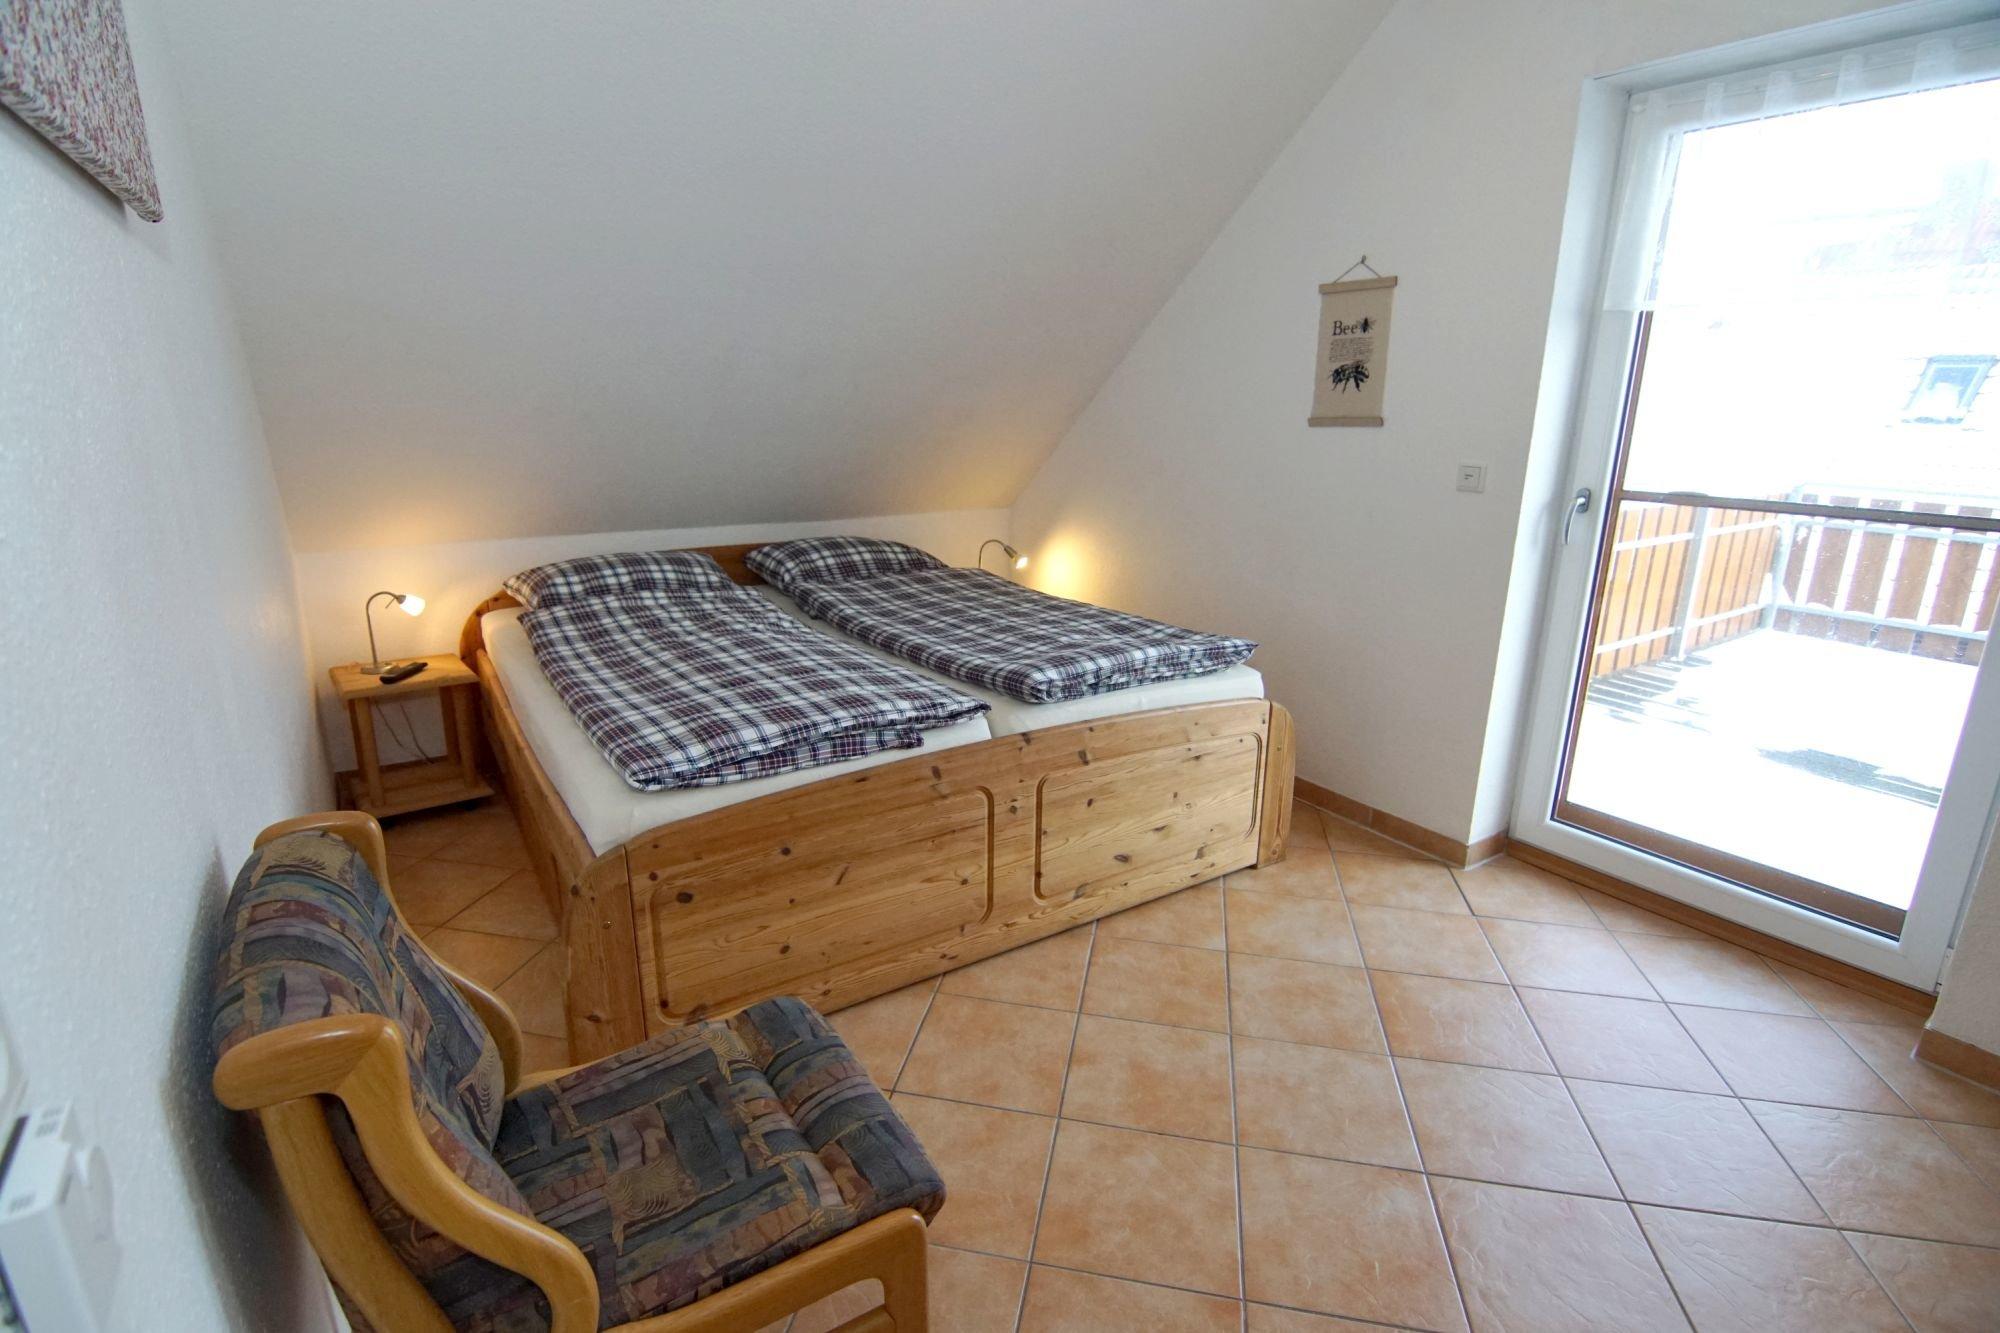 Offener Spitzboden mit zwei Betten